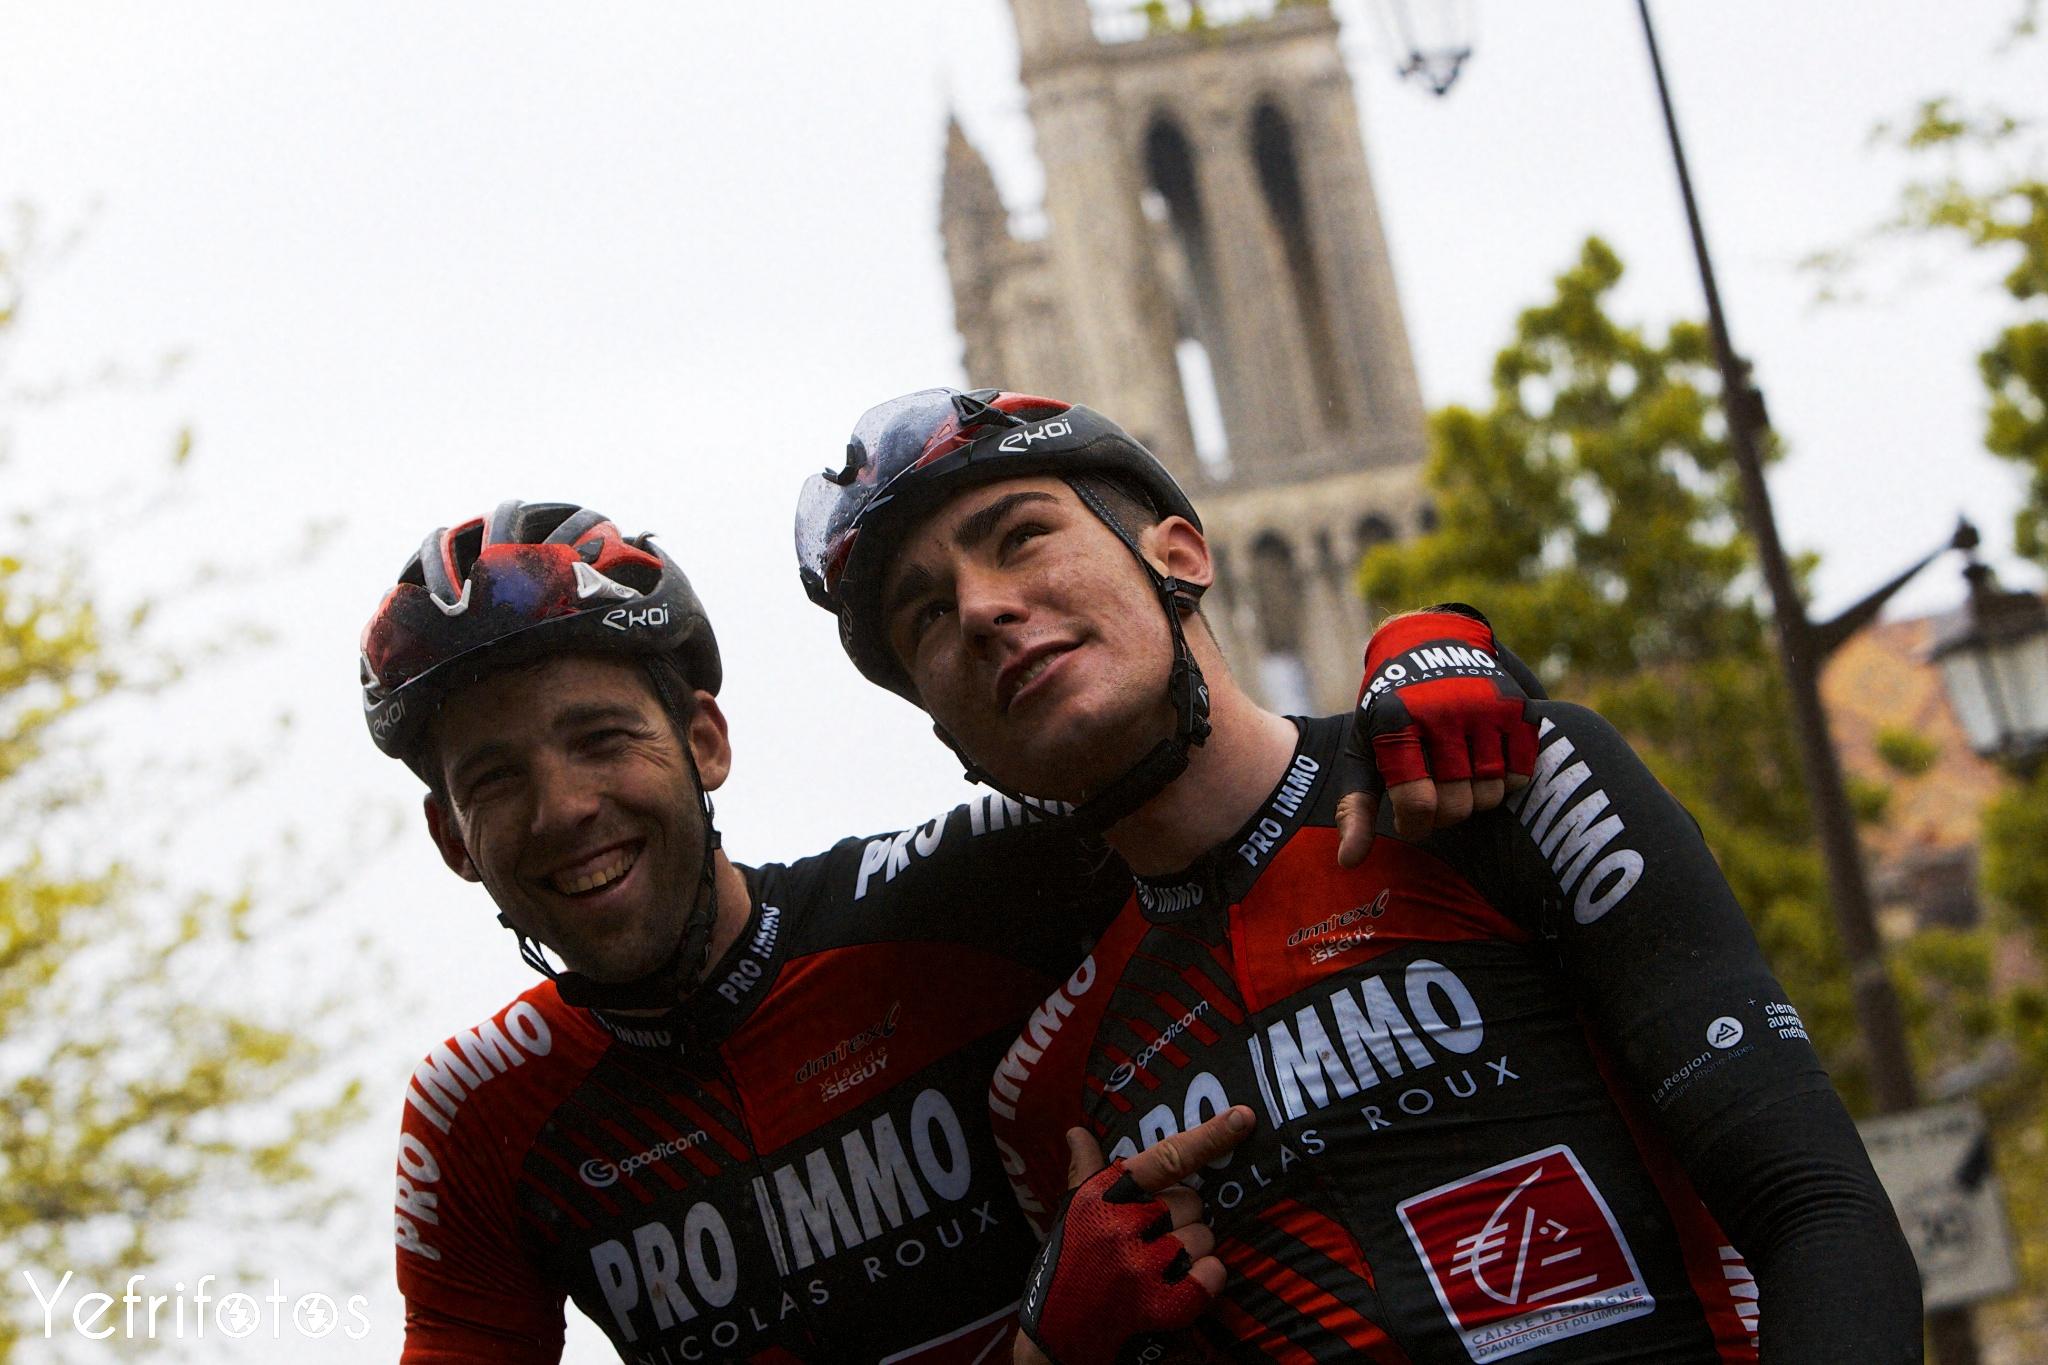 Maxime Roger Team Pro Immo Nicolas Roux